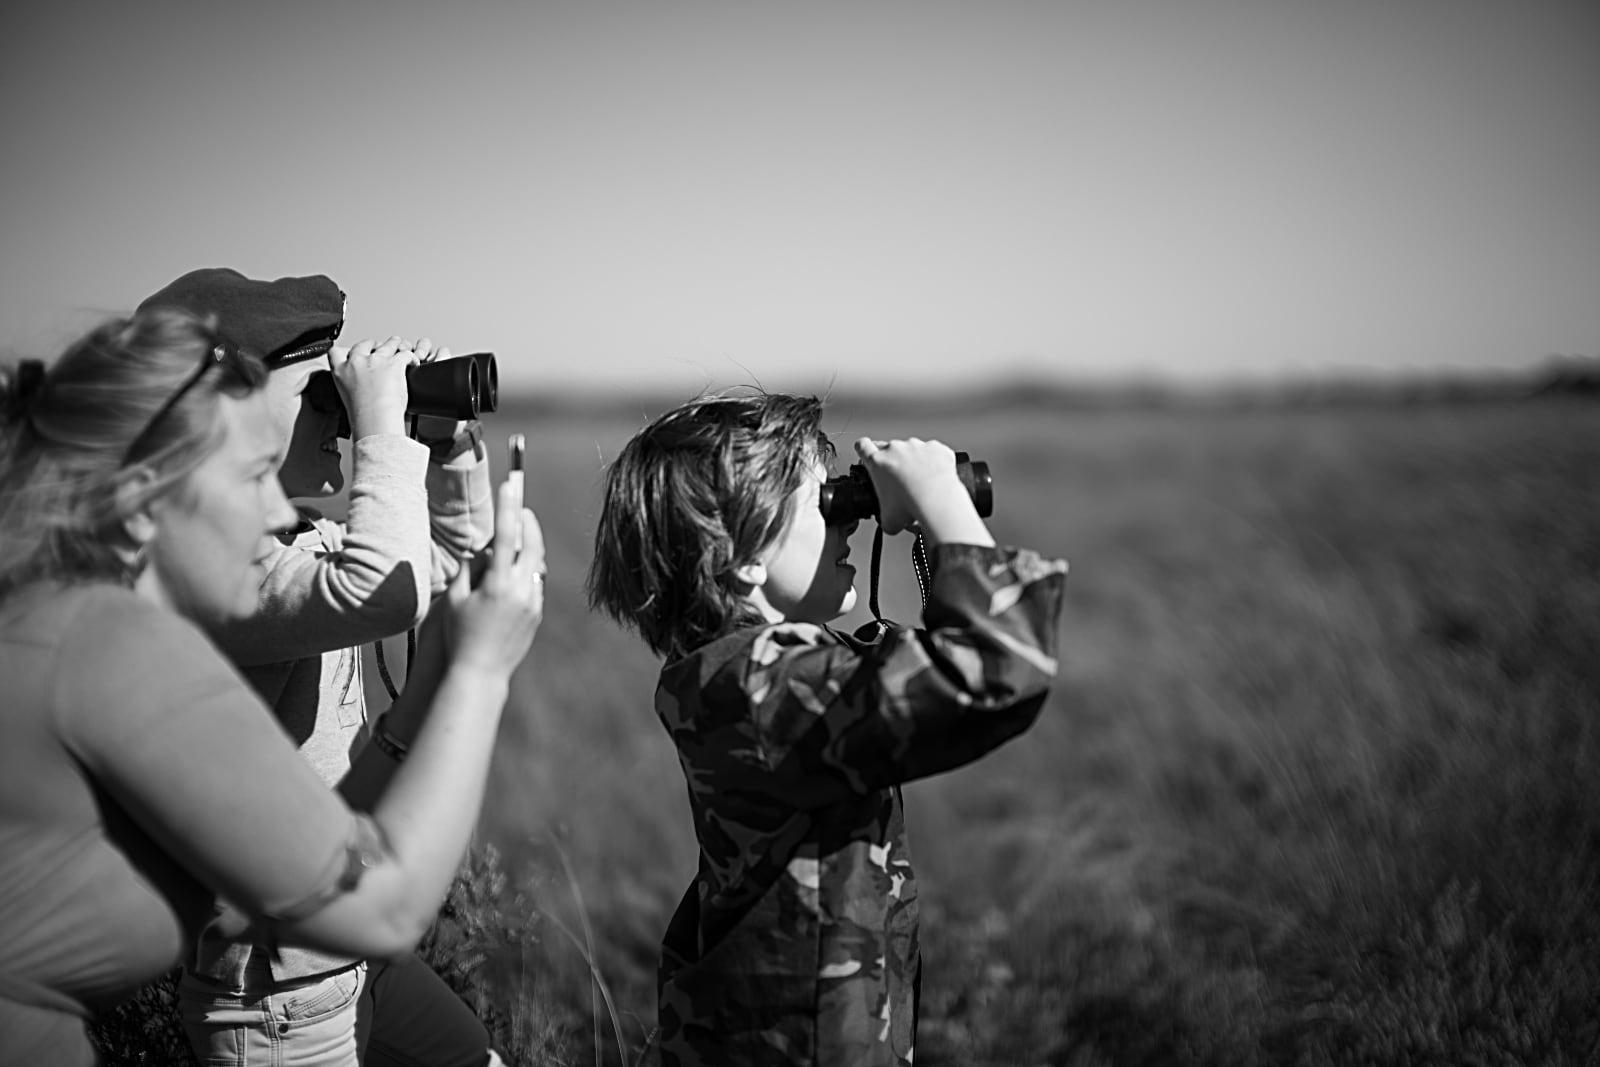 75 Jaar Vrijheid in Beeld - © Sacha de Boer - Airborne luchtlandingen herdenking op Ginkelse Heide, vrouw maakt foto's met mobiel en man en kind met verrekijker